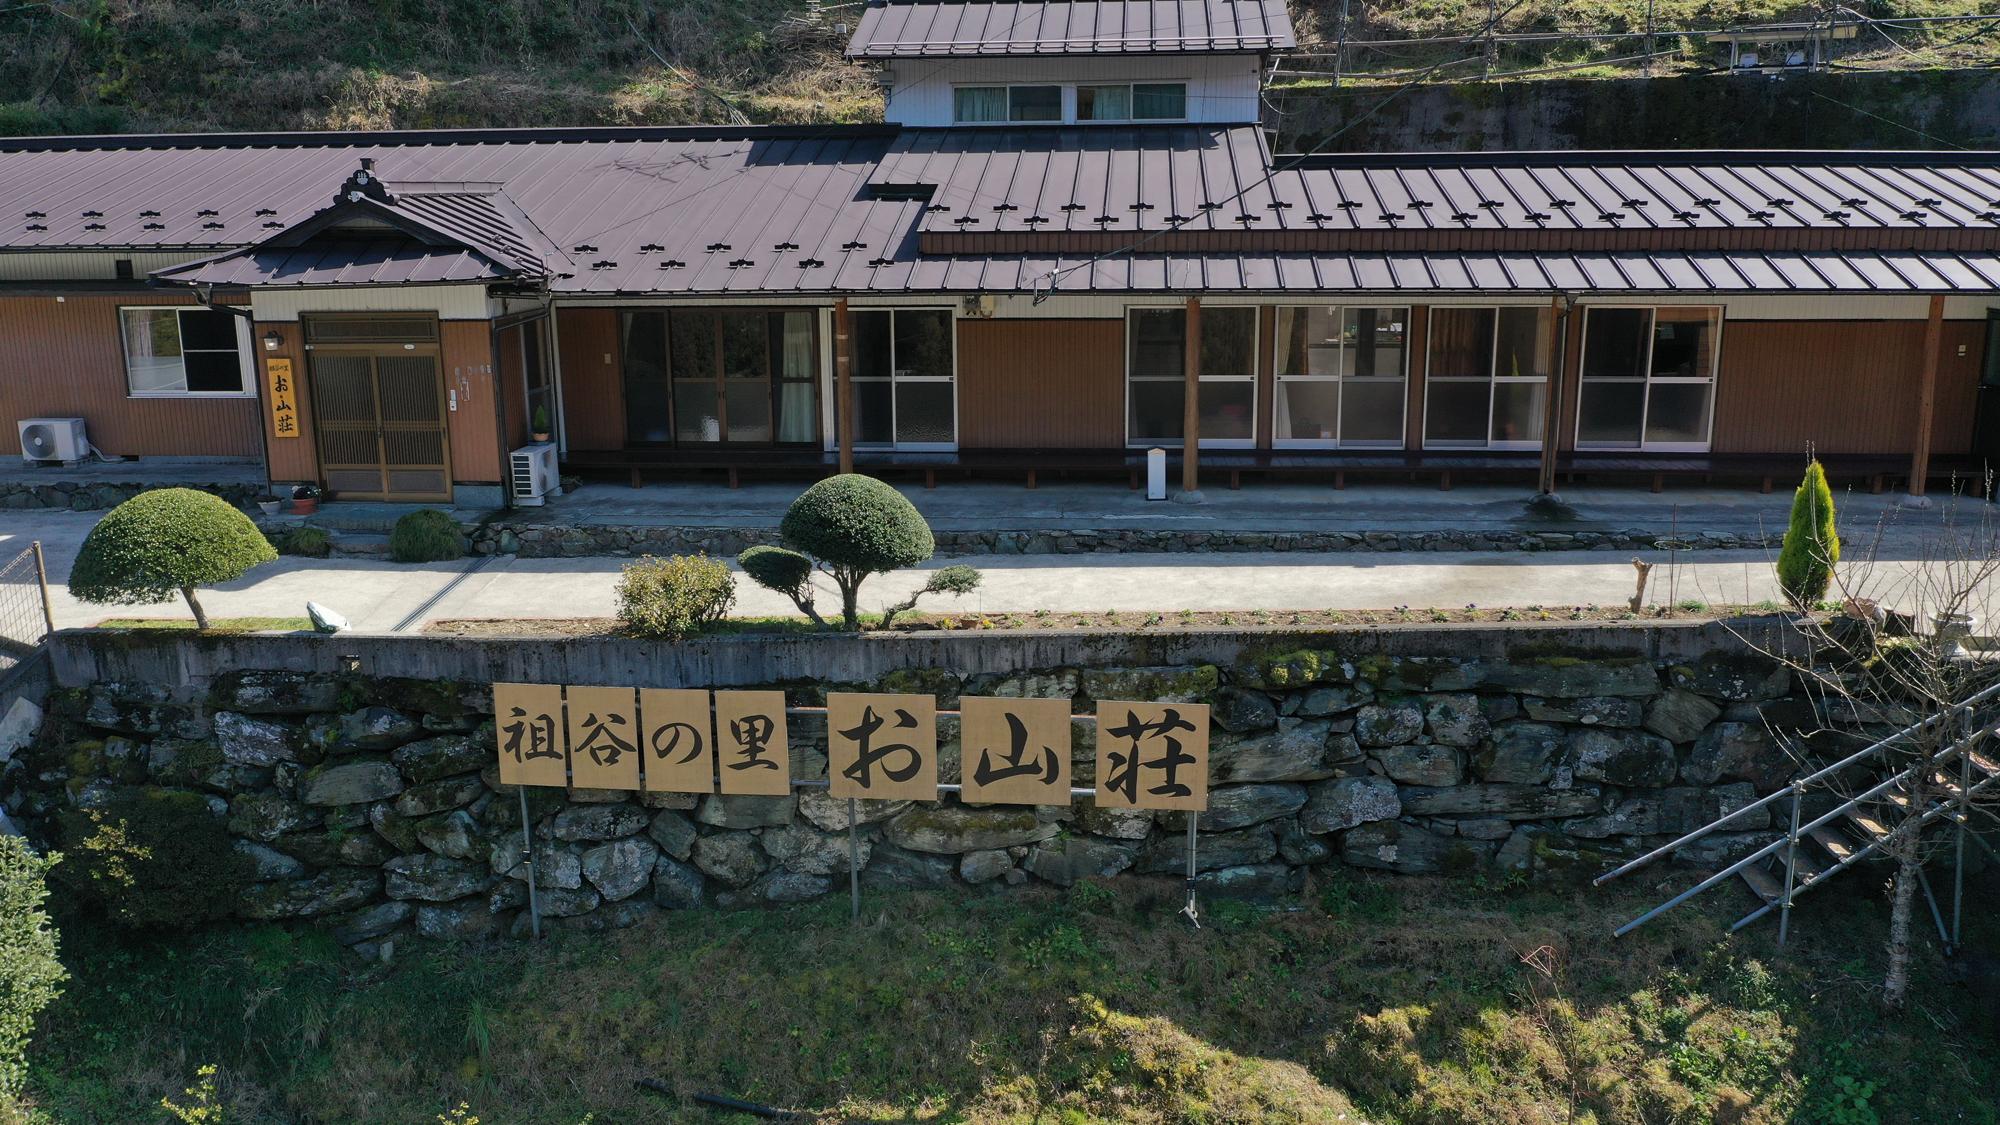 民宿 お山荘の外観